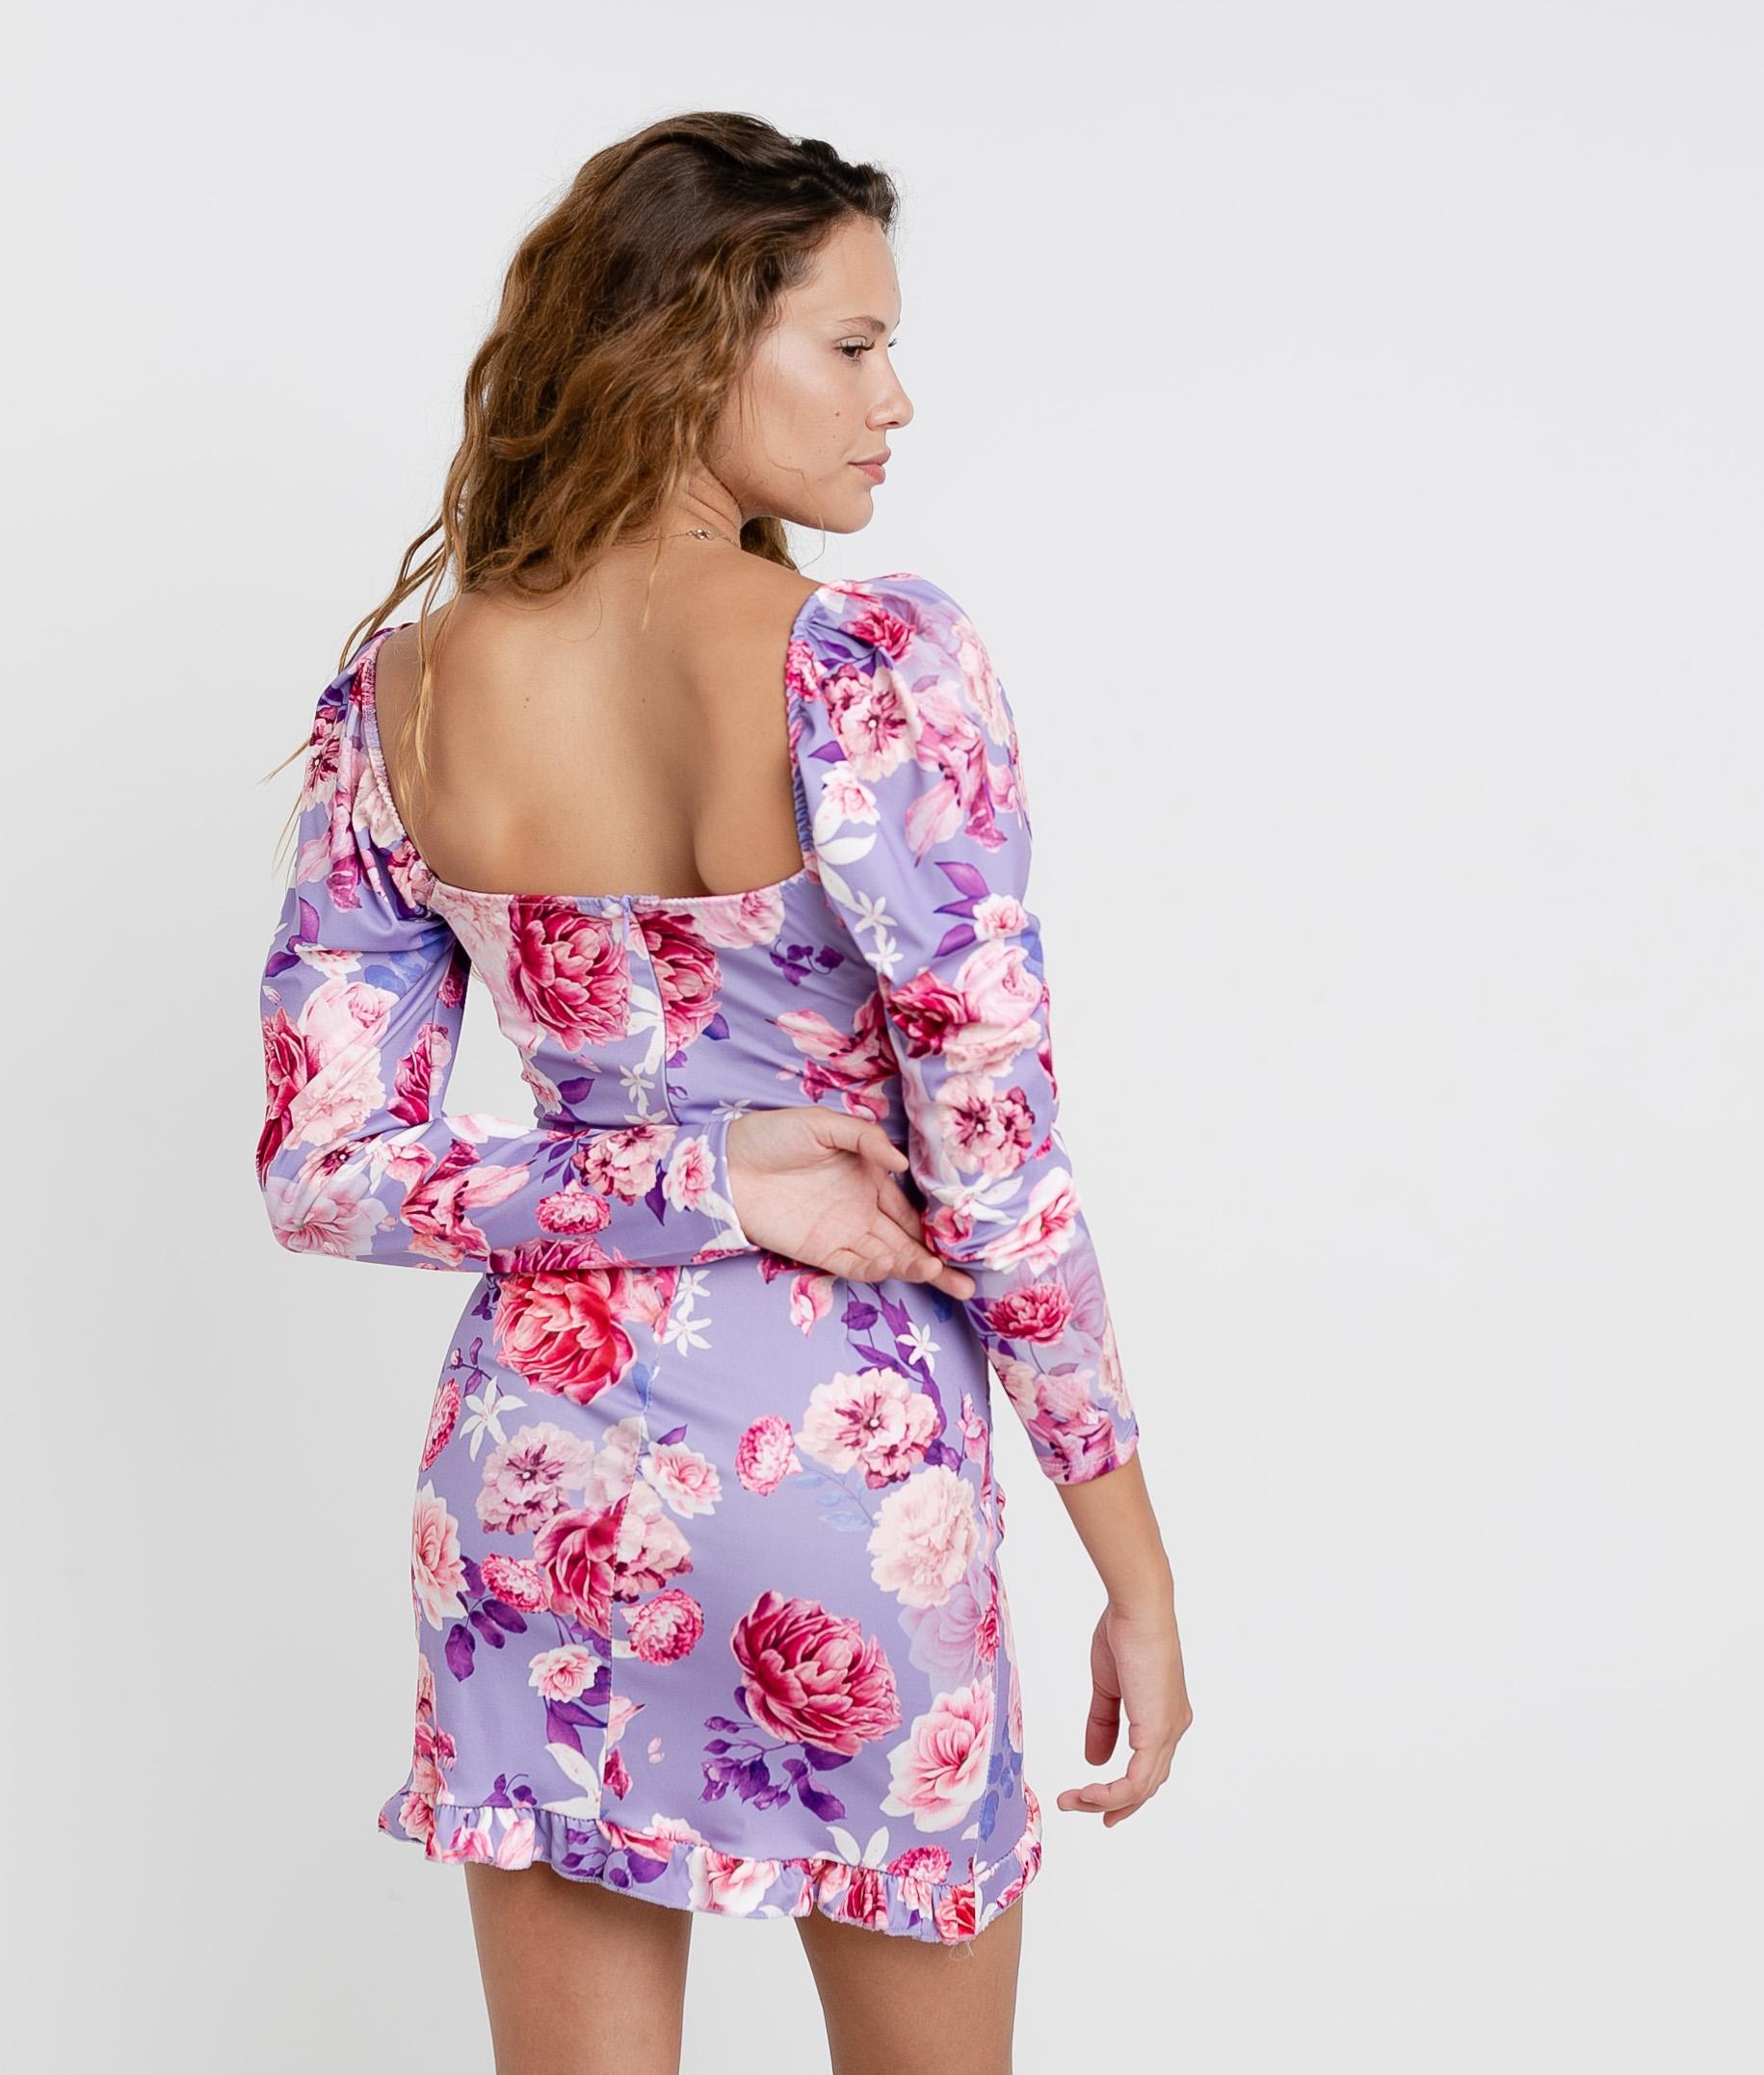 ARIYA DRESS - PURPLE